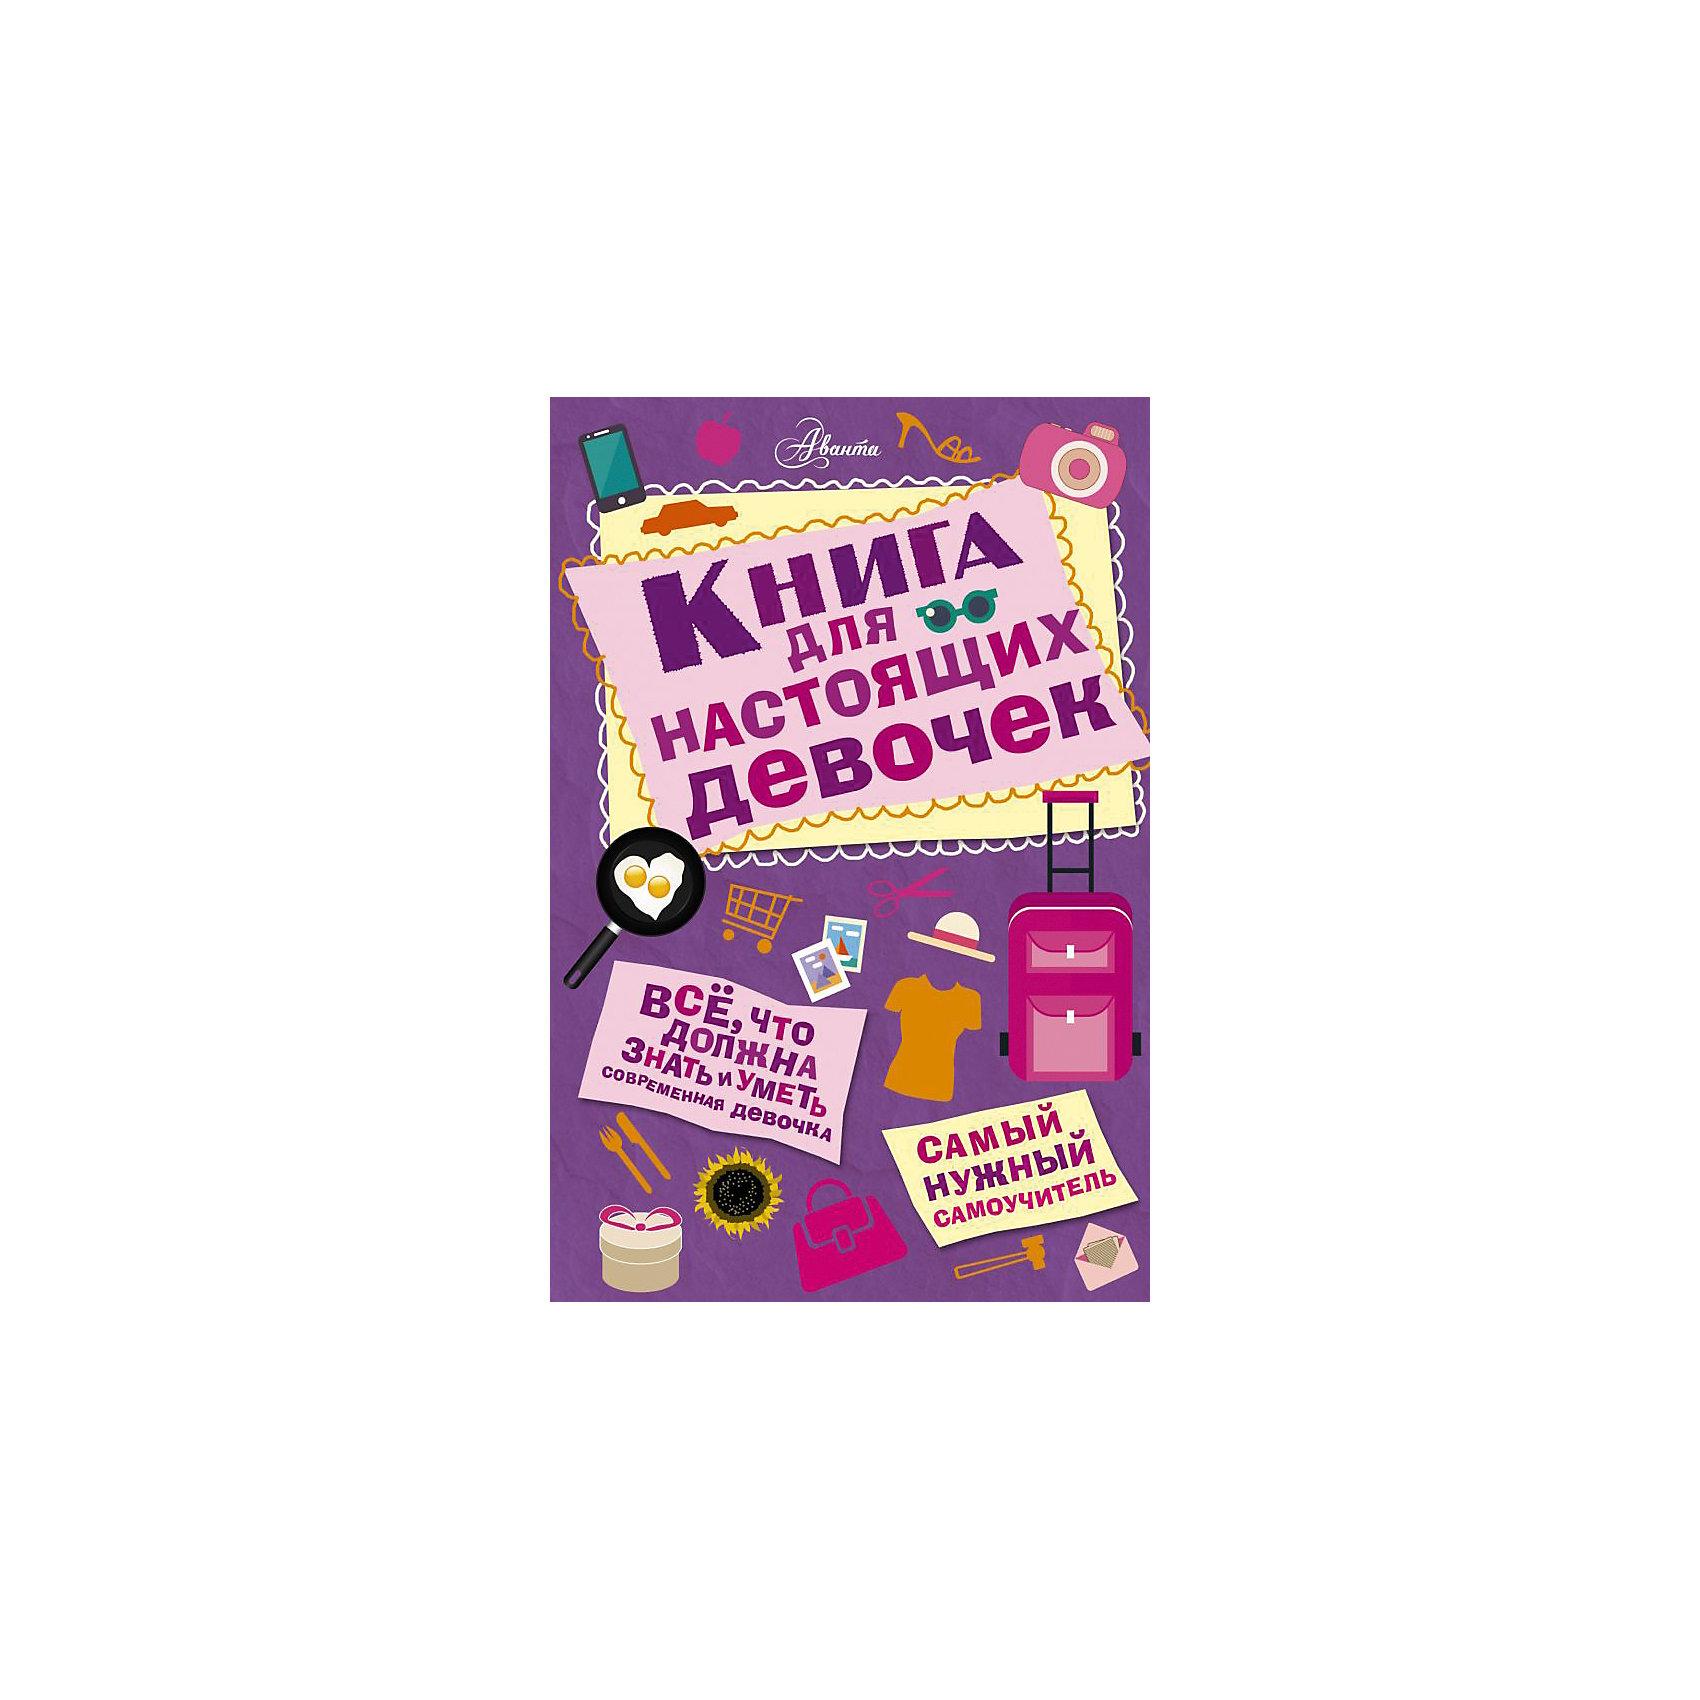 Книга для настоящих девочекИздательство АСТ<br>В этой книге ты найдешь надежные и проверенные советы и рекомендации, которые помогут тебе овладеть полезными навыками. Эта книга, без которой не обойтись ни одной девочке, научит тебя многим вещам, например как приготовить превосходные спагетти или как залатать прокол на шине твоего велосипеда. Для детей среднего школьного возраста<br><br>Ширина мм: 212<br>Глубина мм: 138<br>Высота мм: 160<br>Вес г: 205<br>Возраст от месяцев: 84<br>Возраст до месяцев: 2147483647<br>Пол: Женский<br>Возраст: Детский<br>SKU: 6848300